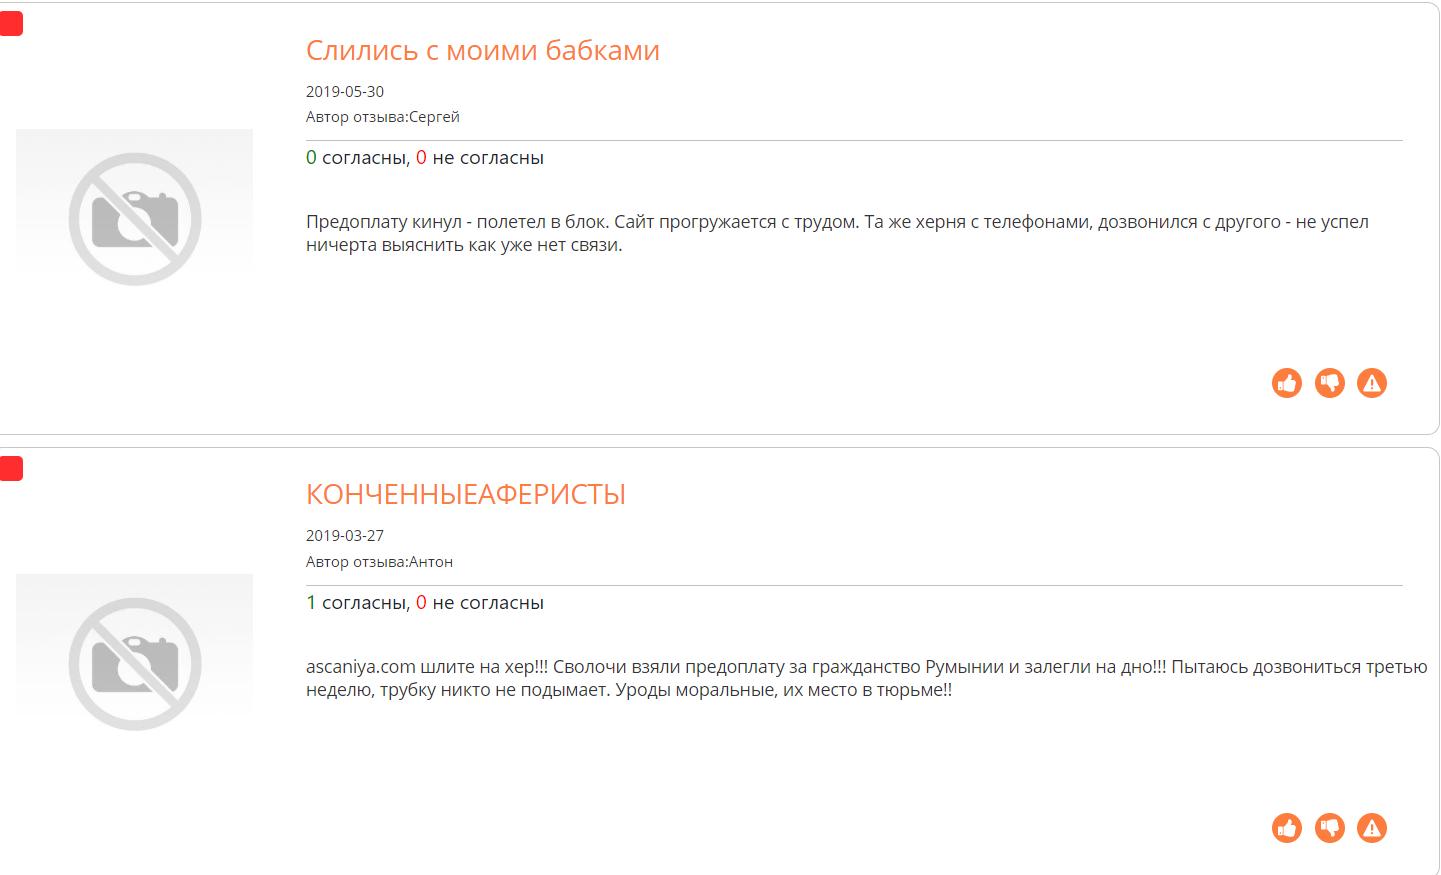 ascaniya.com отзывы о компании